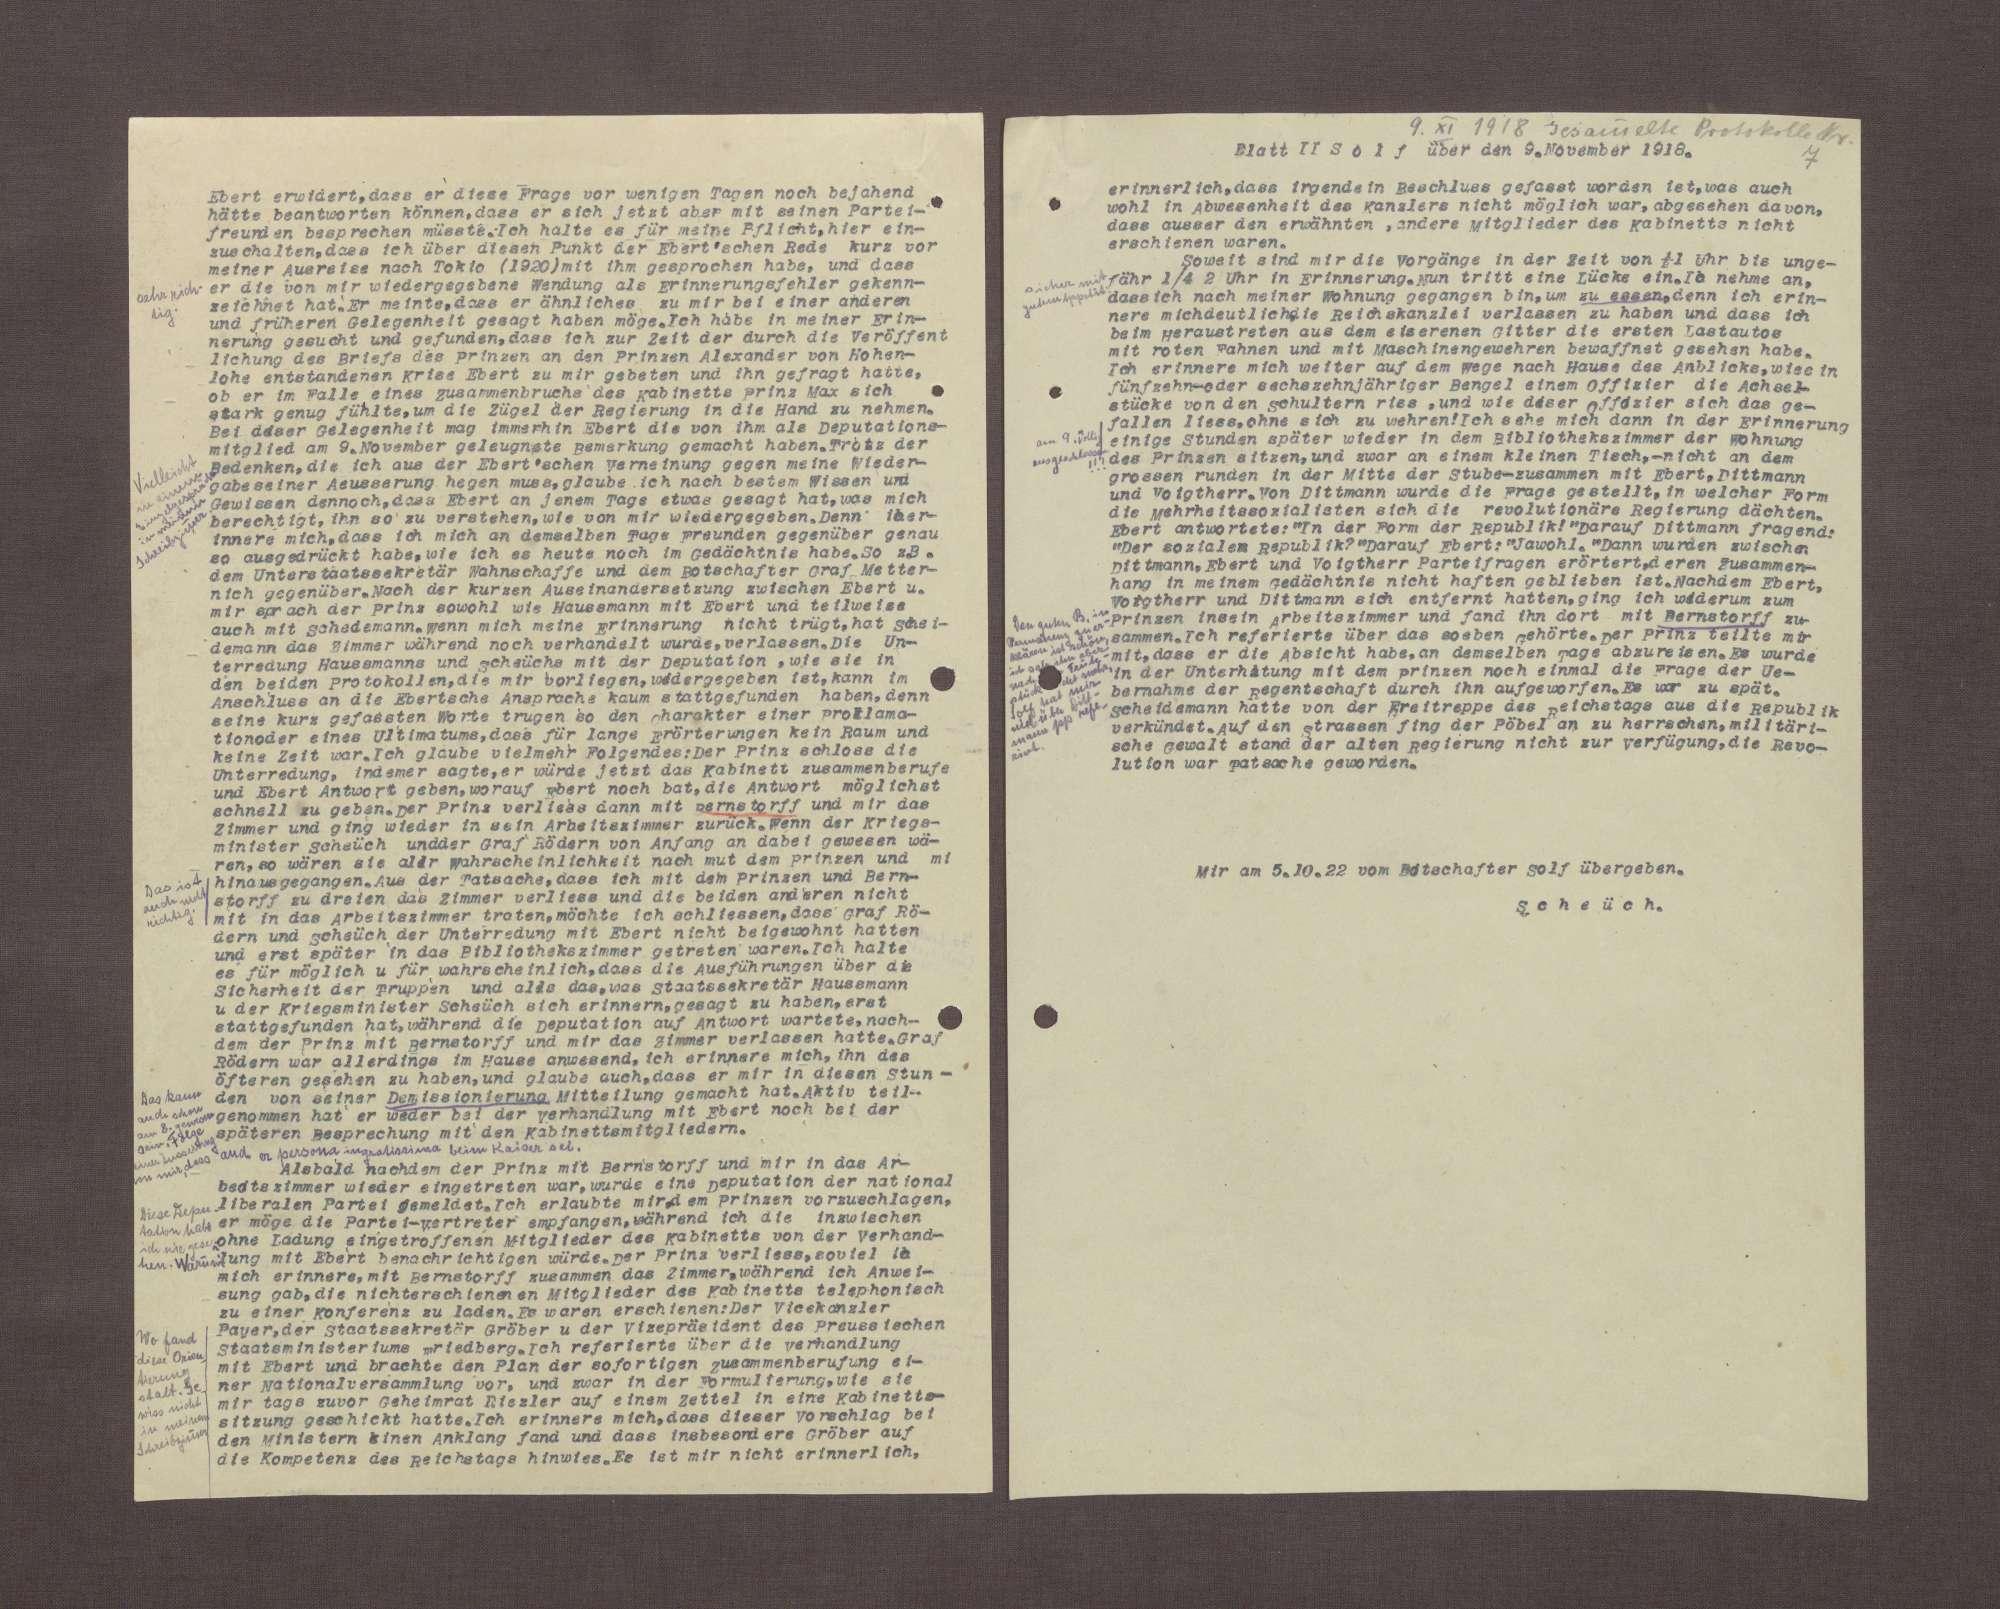 Schreiben von Wilhelm Solf an Prinz Max von Baden bzgl. der Aufzeichnungen Haußmanns über die Ereignisse am 09.11.1918, Bild 2